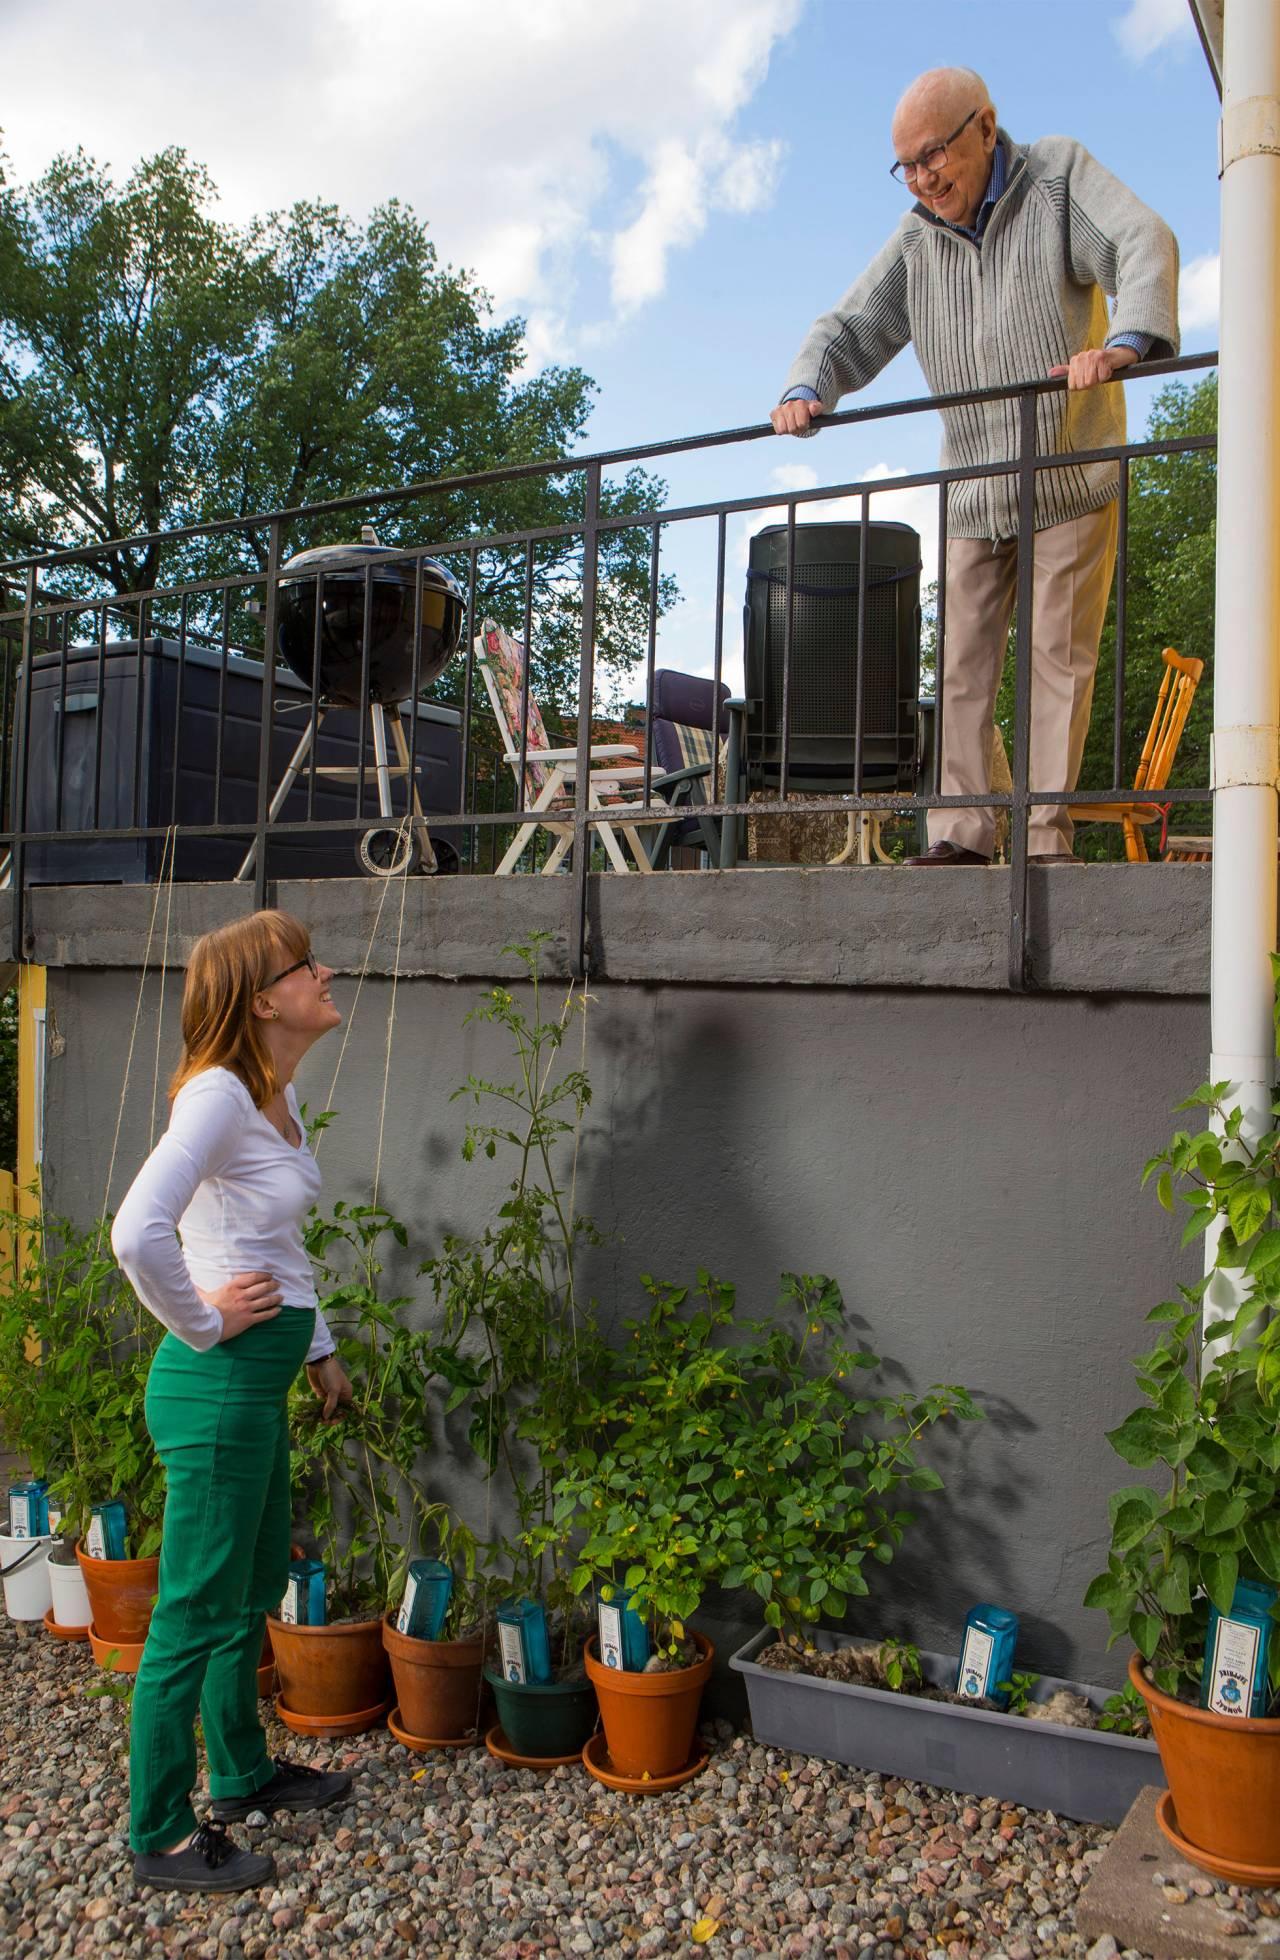 En ung kvinna tittar upp mot en balkong där en äldre man står och tittar ner mot henne.